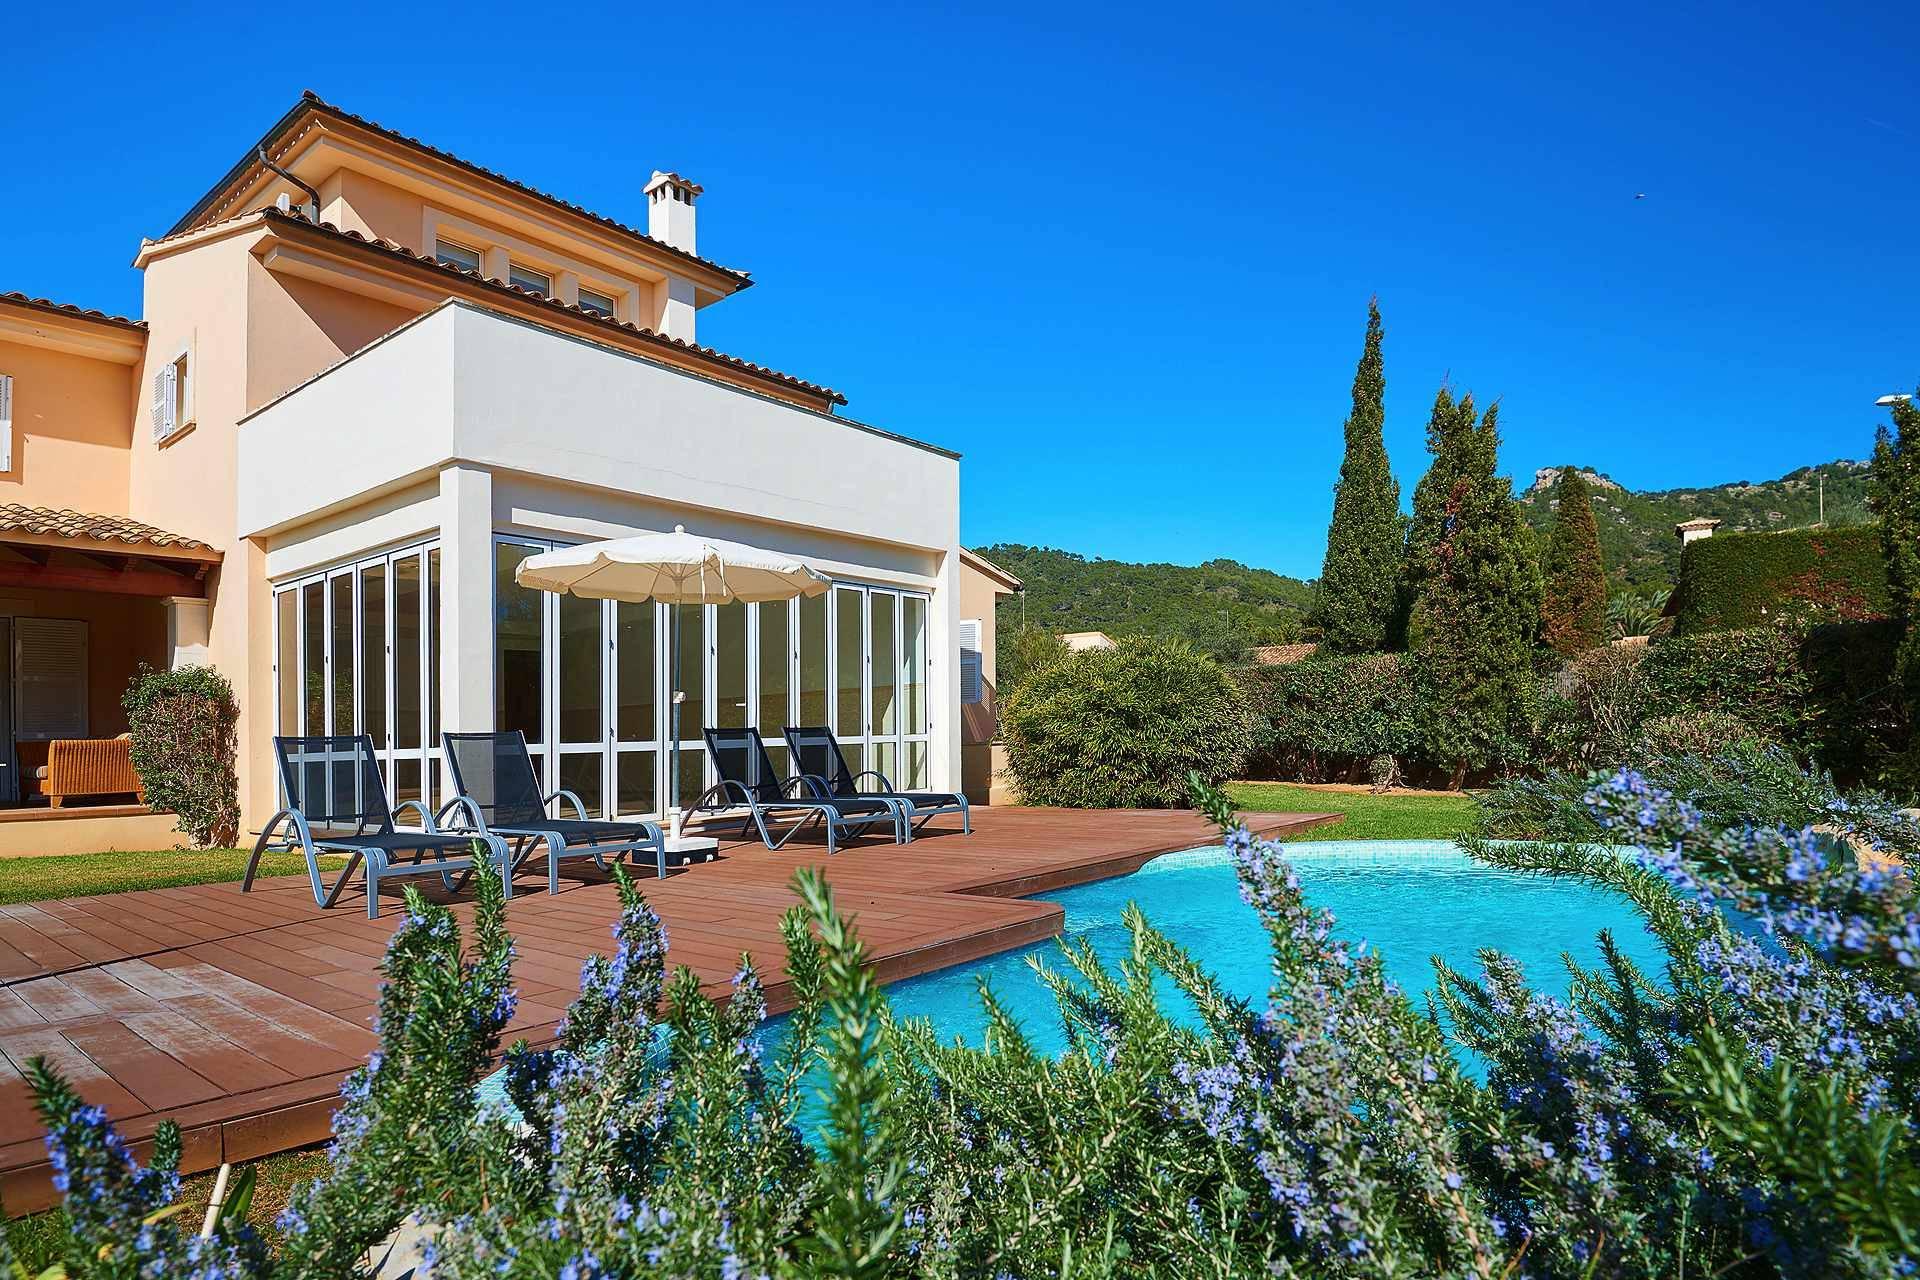 01-49 luxuriöses Chalet Nordosten Mallorca Bild 2